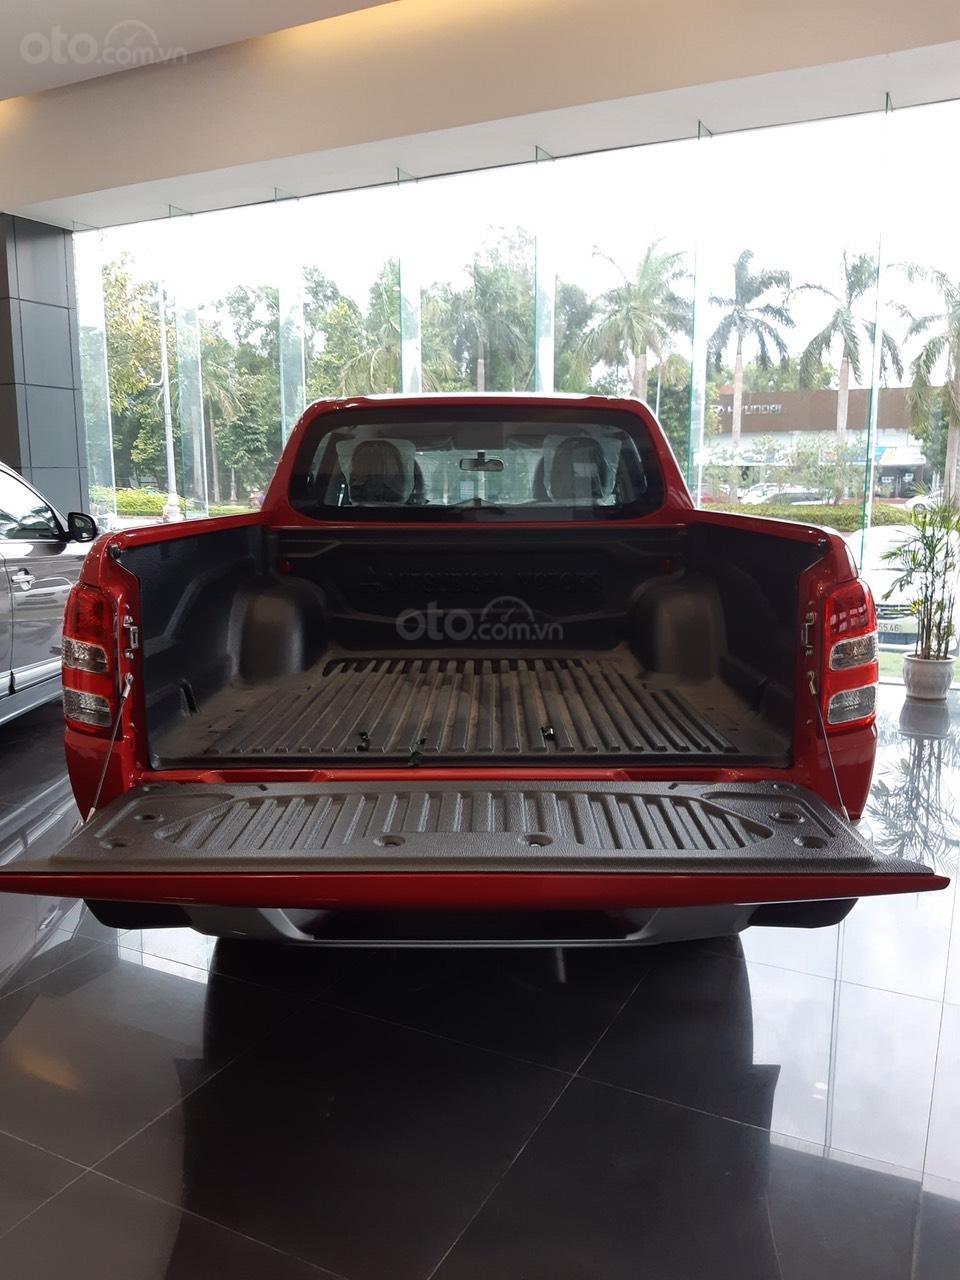 Cần bán Mitsubishi Triton 4x2 MT đời 2019, màu đỏ, nhập khẩu (3)